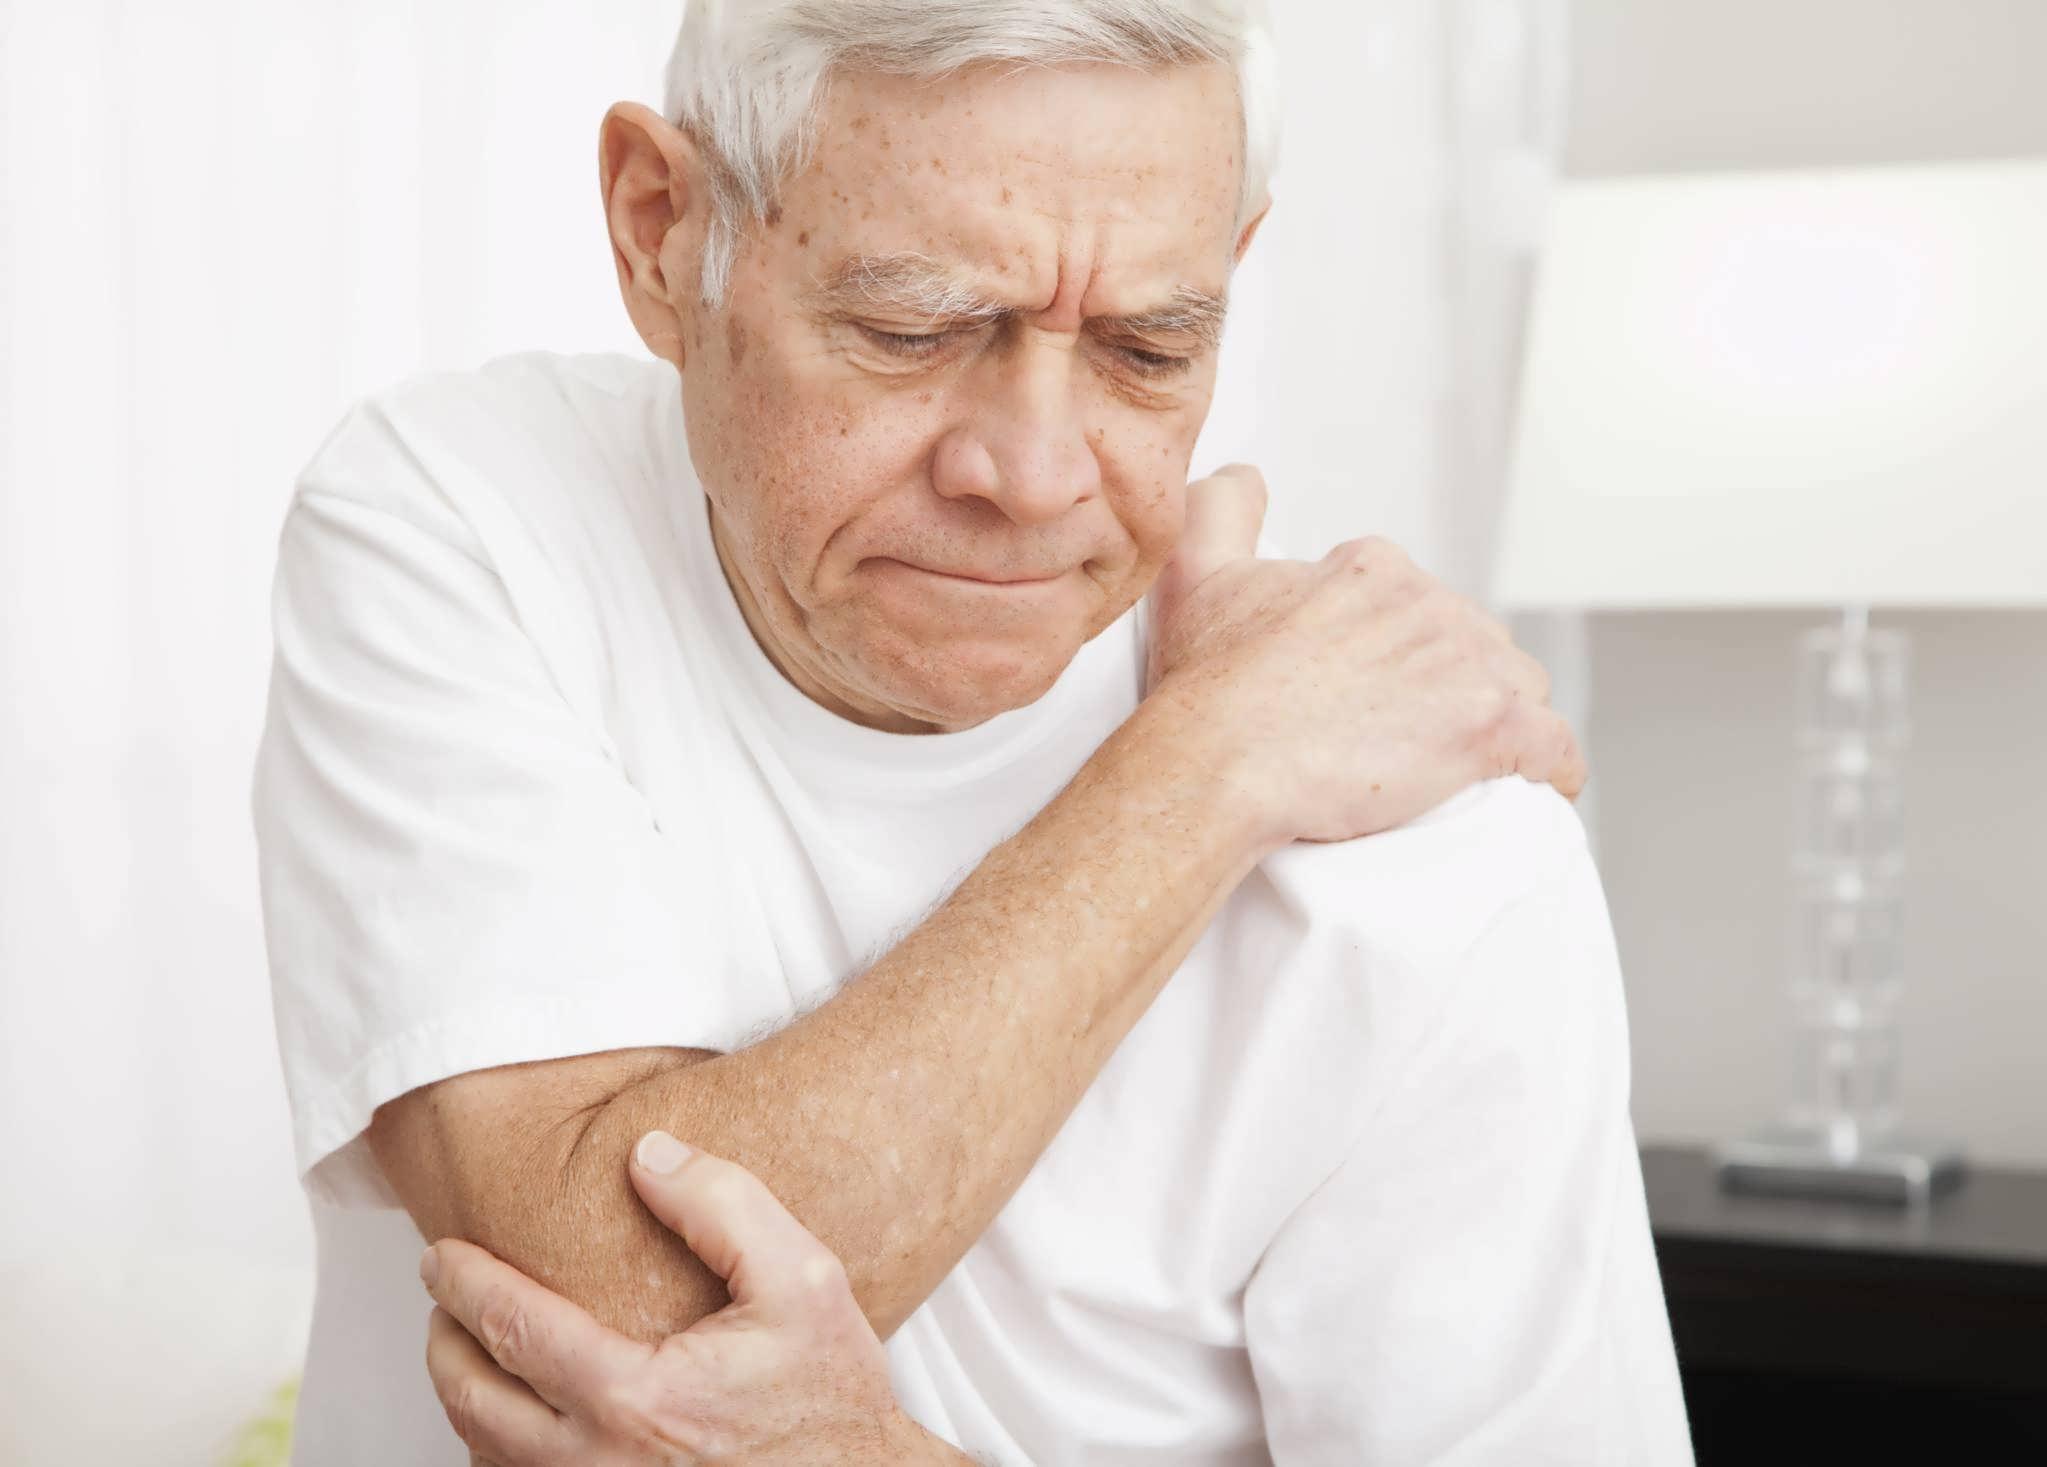 درمان خانگی برای درد کتف